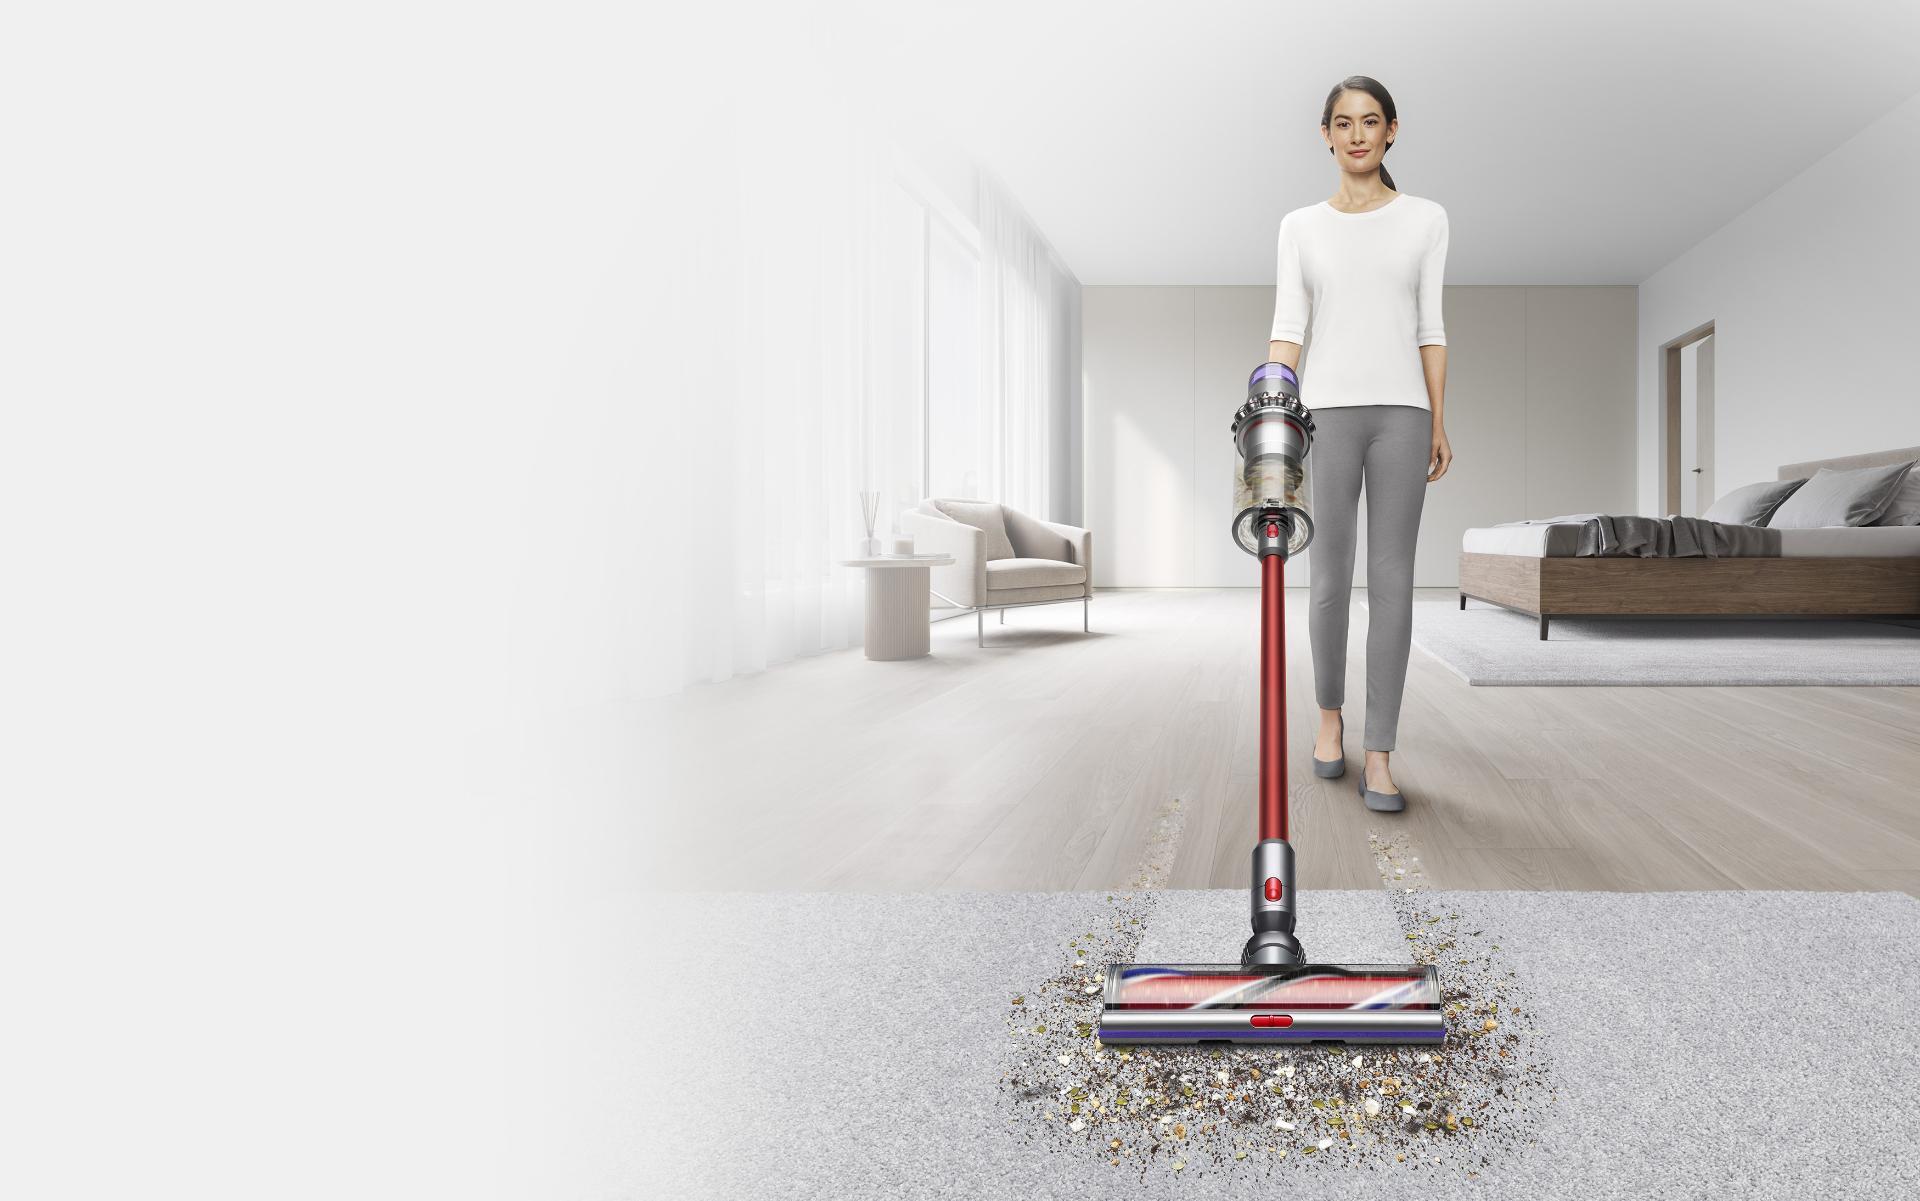 Obrázek Dyson Outsize větší podlahové hubice